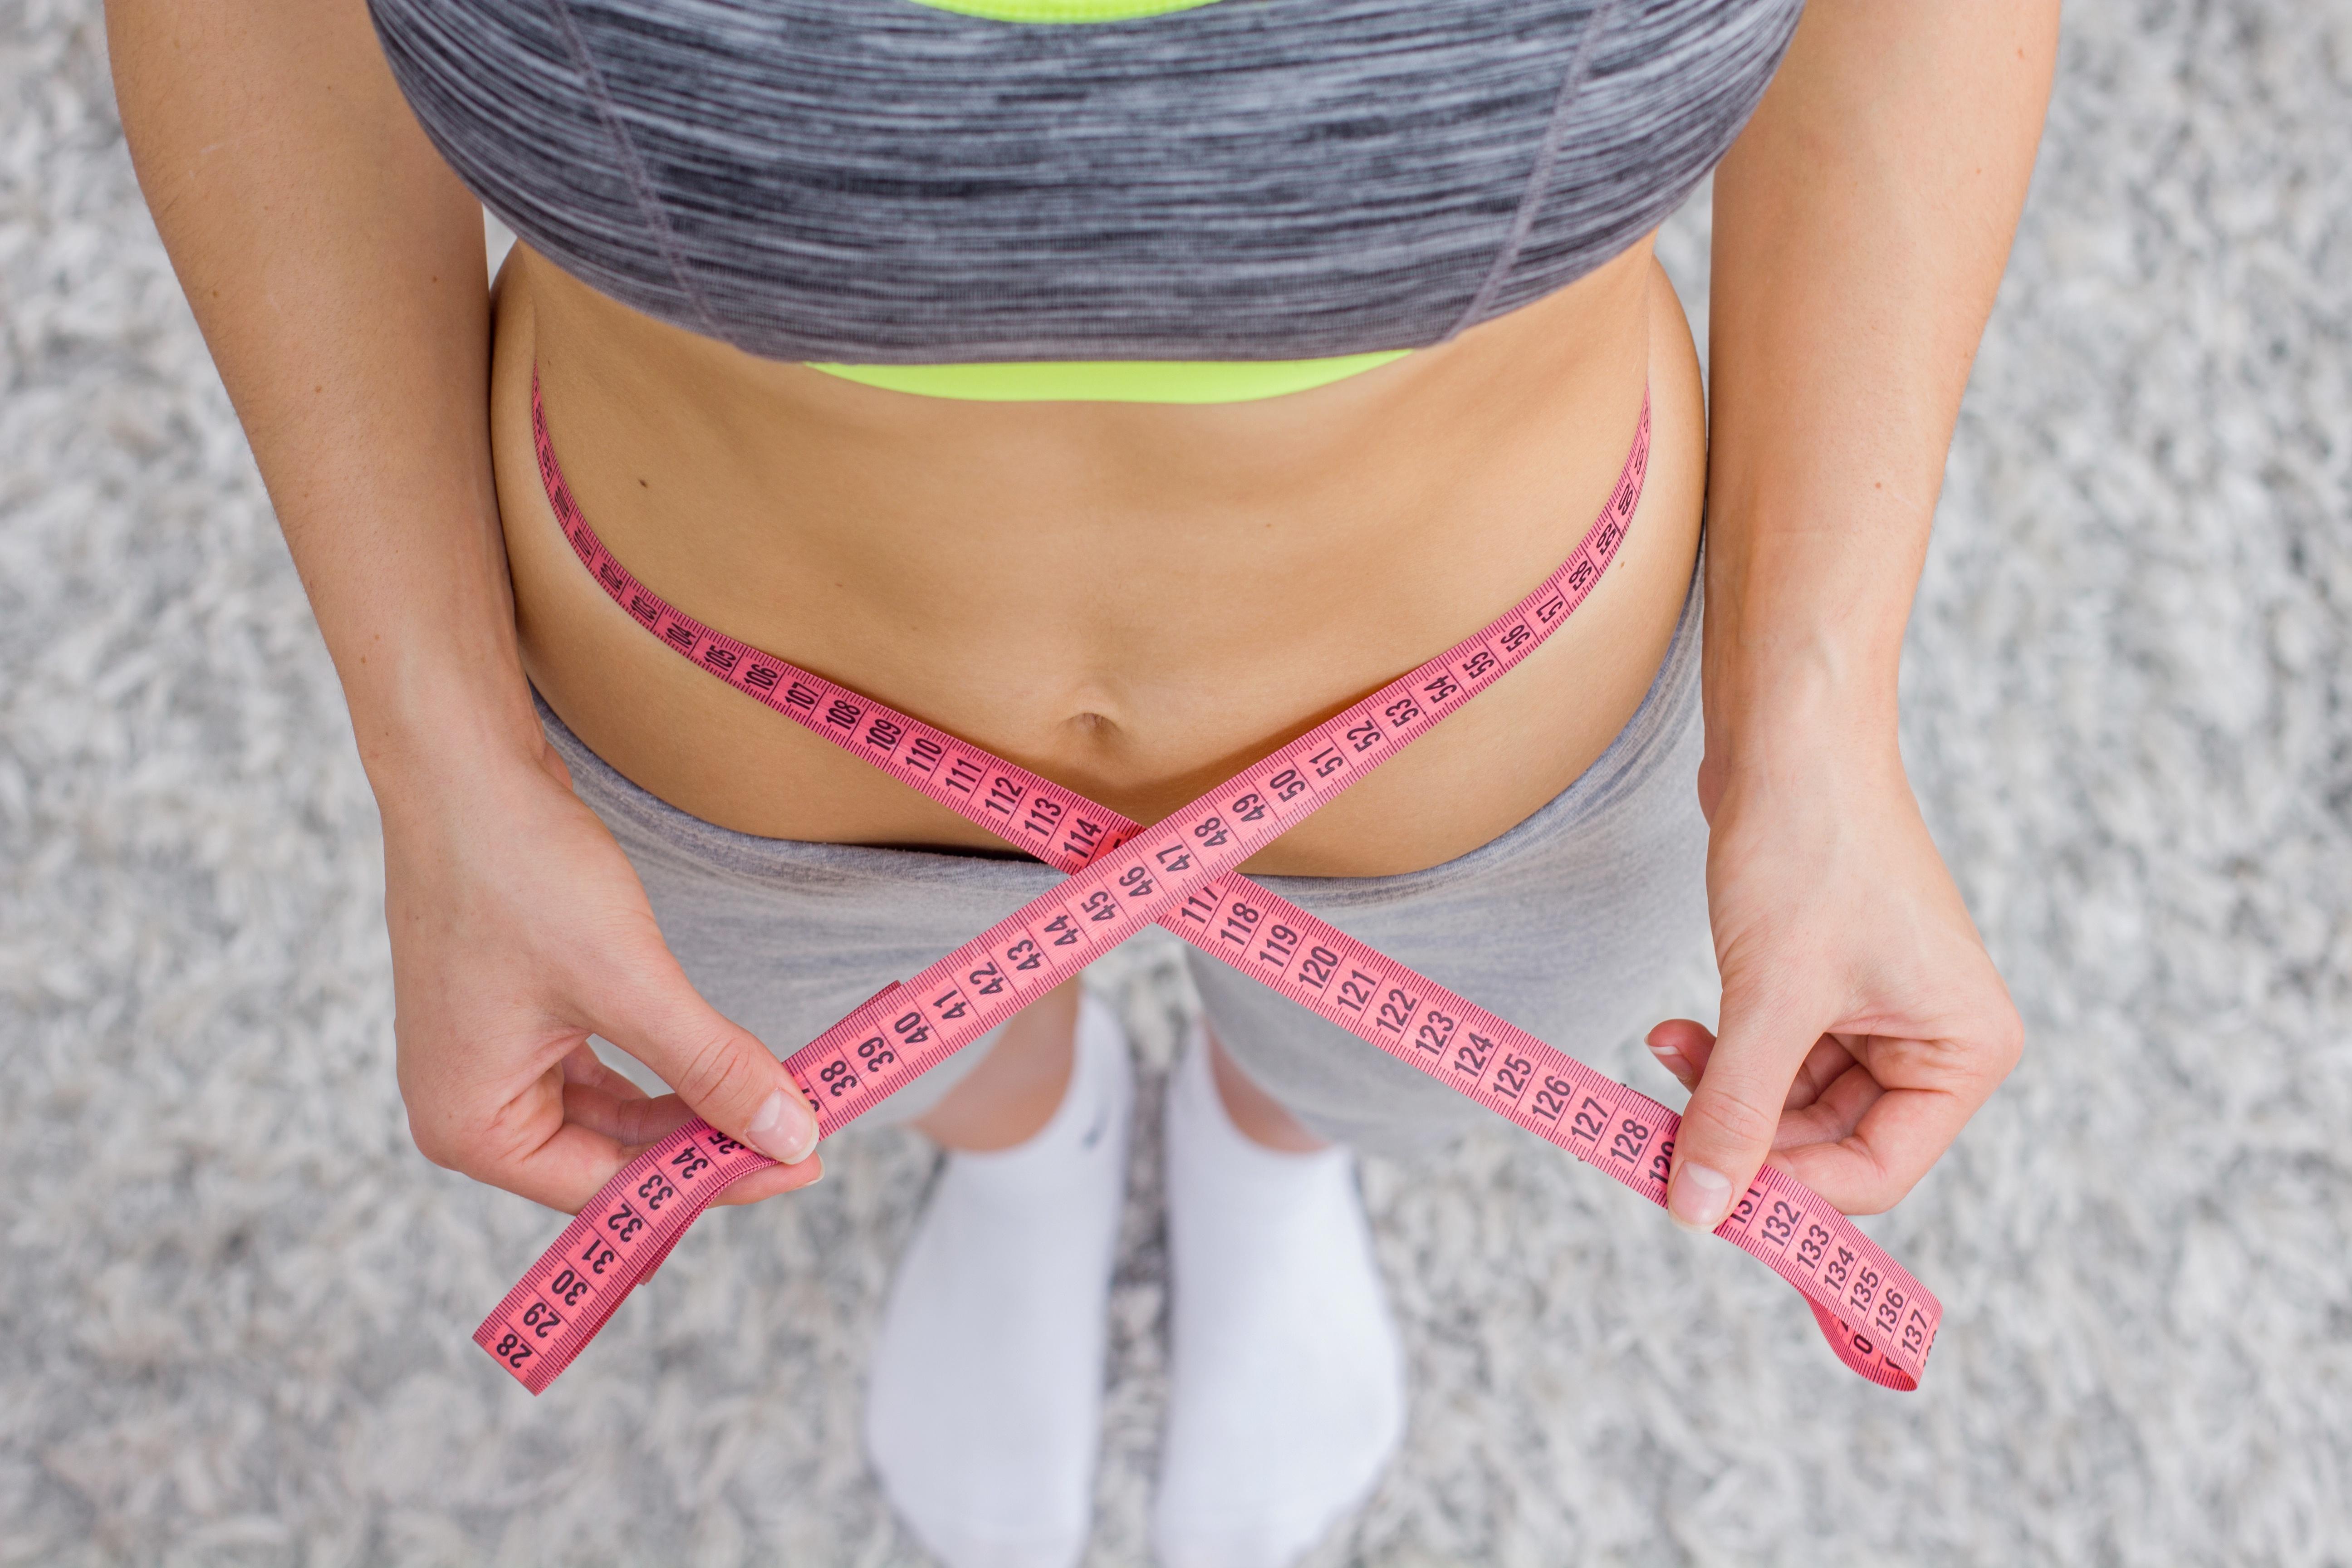 Секрет О Похудении. 10 тайн похудения, о которых знают ученые, но никогда не расскажут диетологи